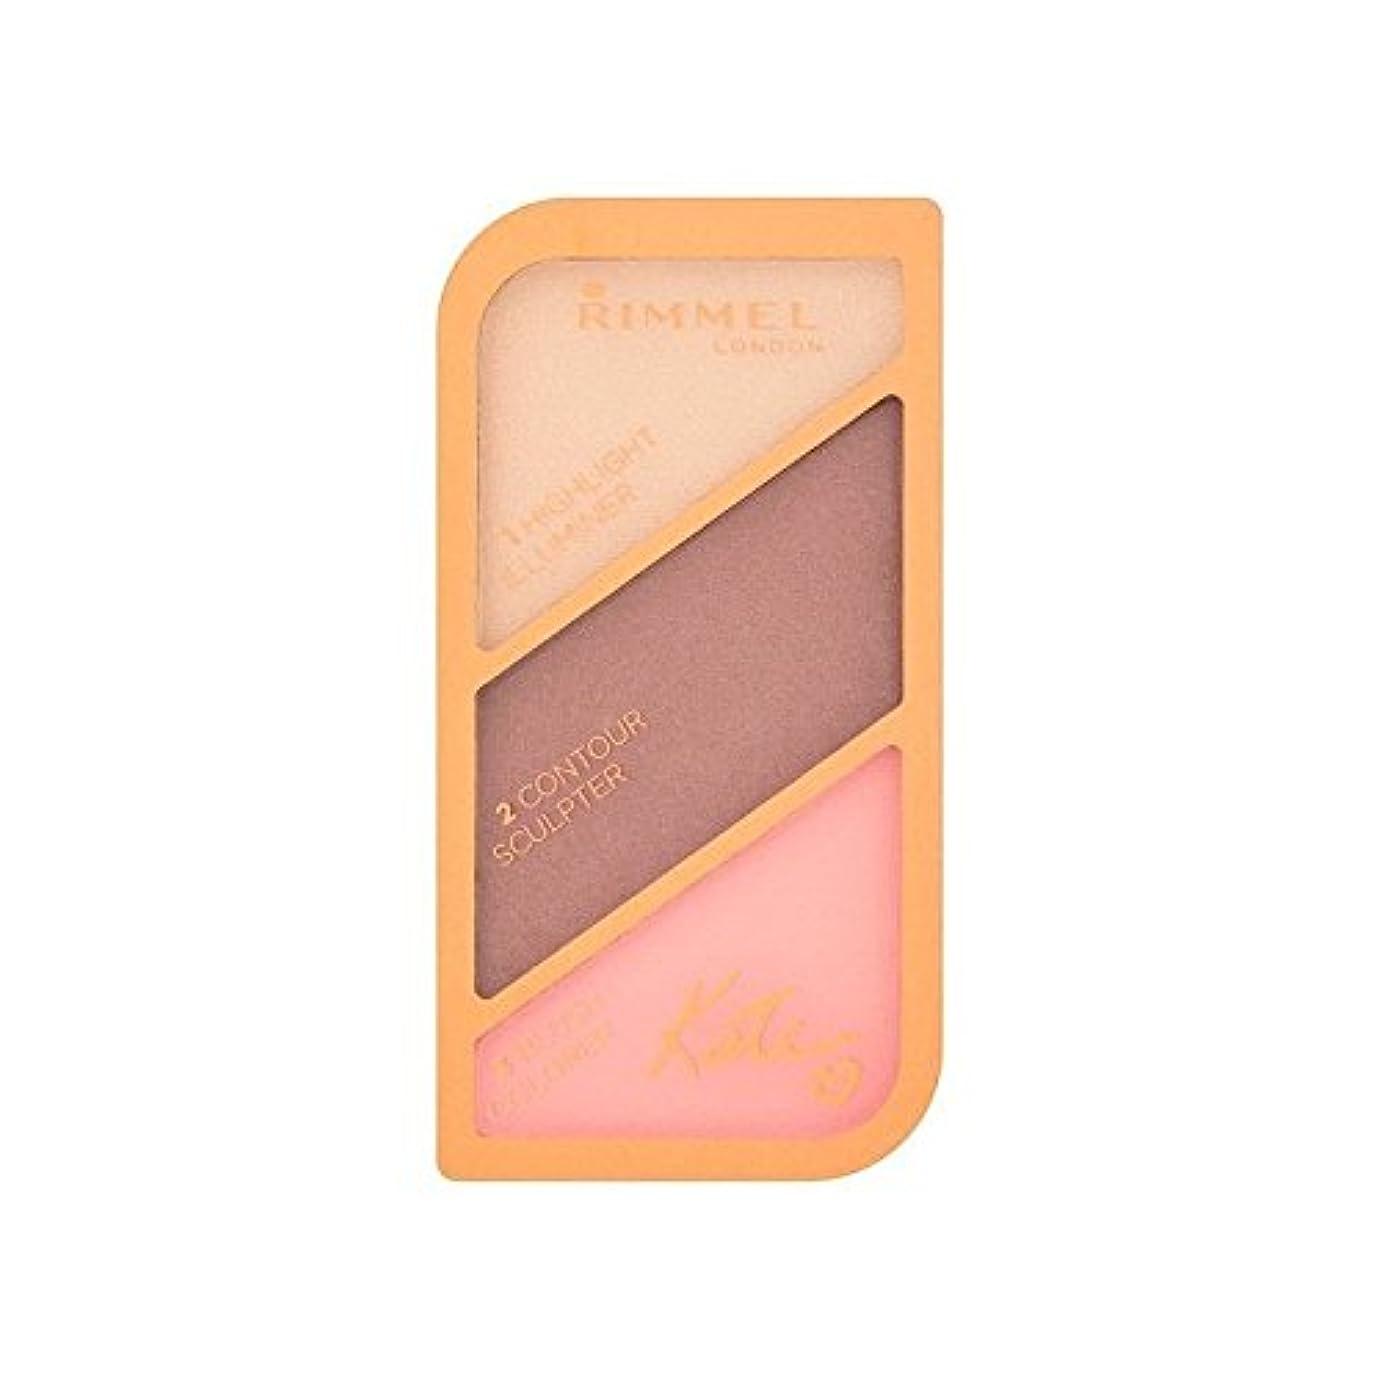 ビリー概要アラブサラボリンメルケイト?モスの彫刻パレット黄金のブロンズ003 x4 - Rimmel Kate Moss Sculpting Palette Golden Bronze 003 (Pack of 4) [並行輸入品]